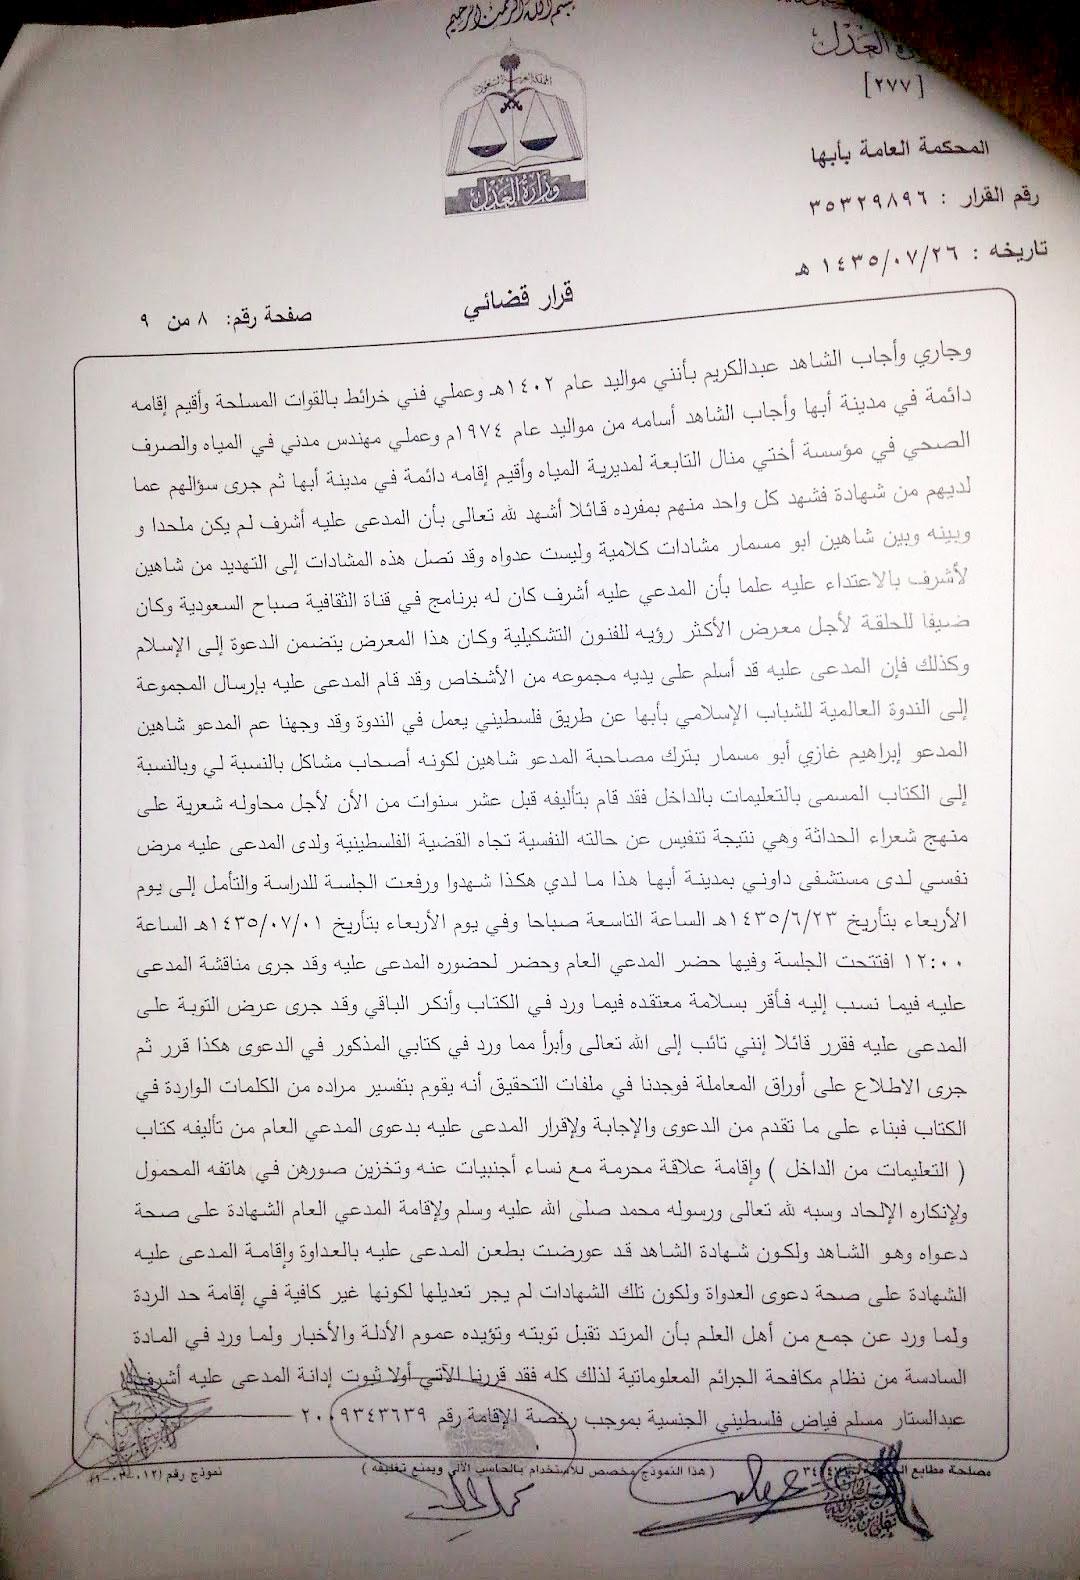 الشاعر أشرف فياض - 8